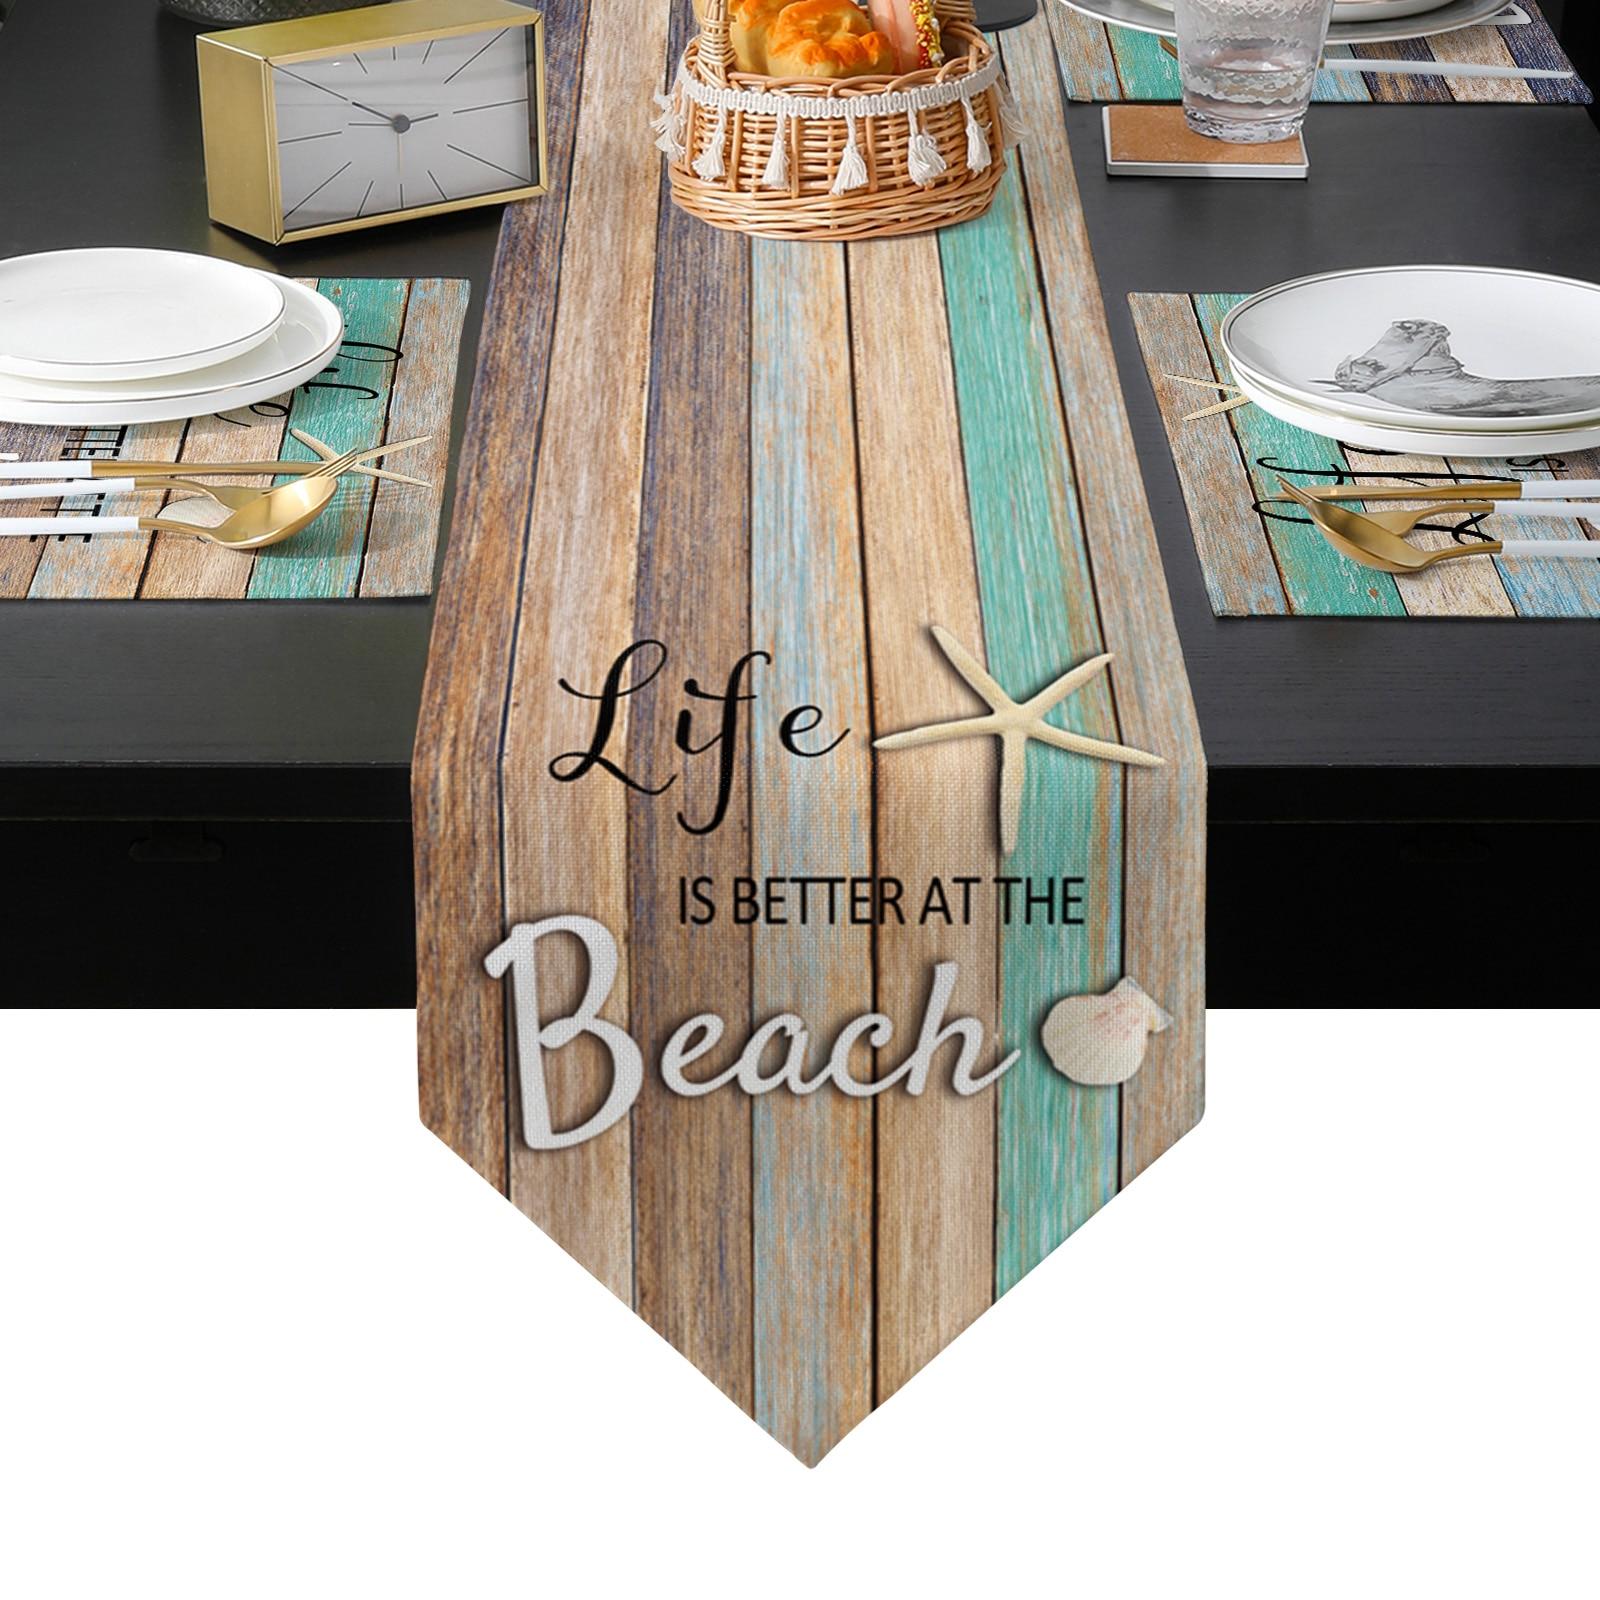 المحيط شاطئ الخشب الحبوب نجم البحر شل الجدول عداء تحديد الموقع مجموعة سماط طاولة طعام حصيرة المنزل الزفاف الجدول الديكور